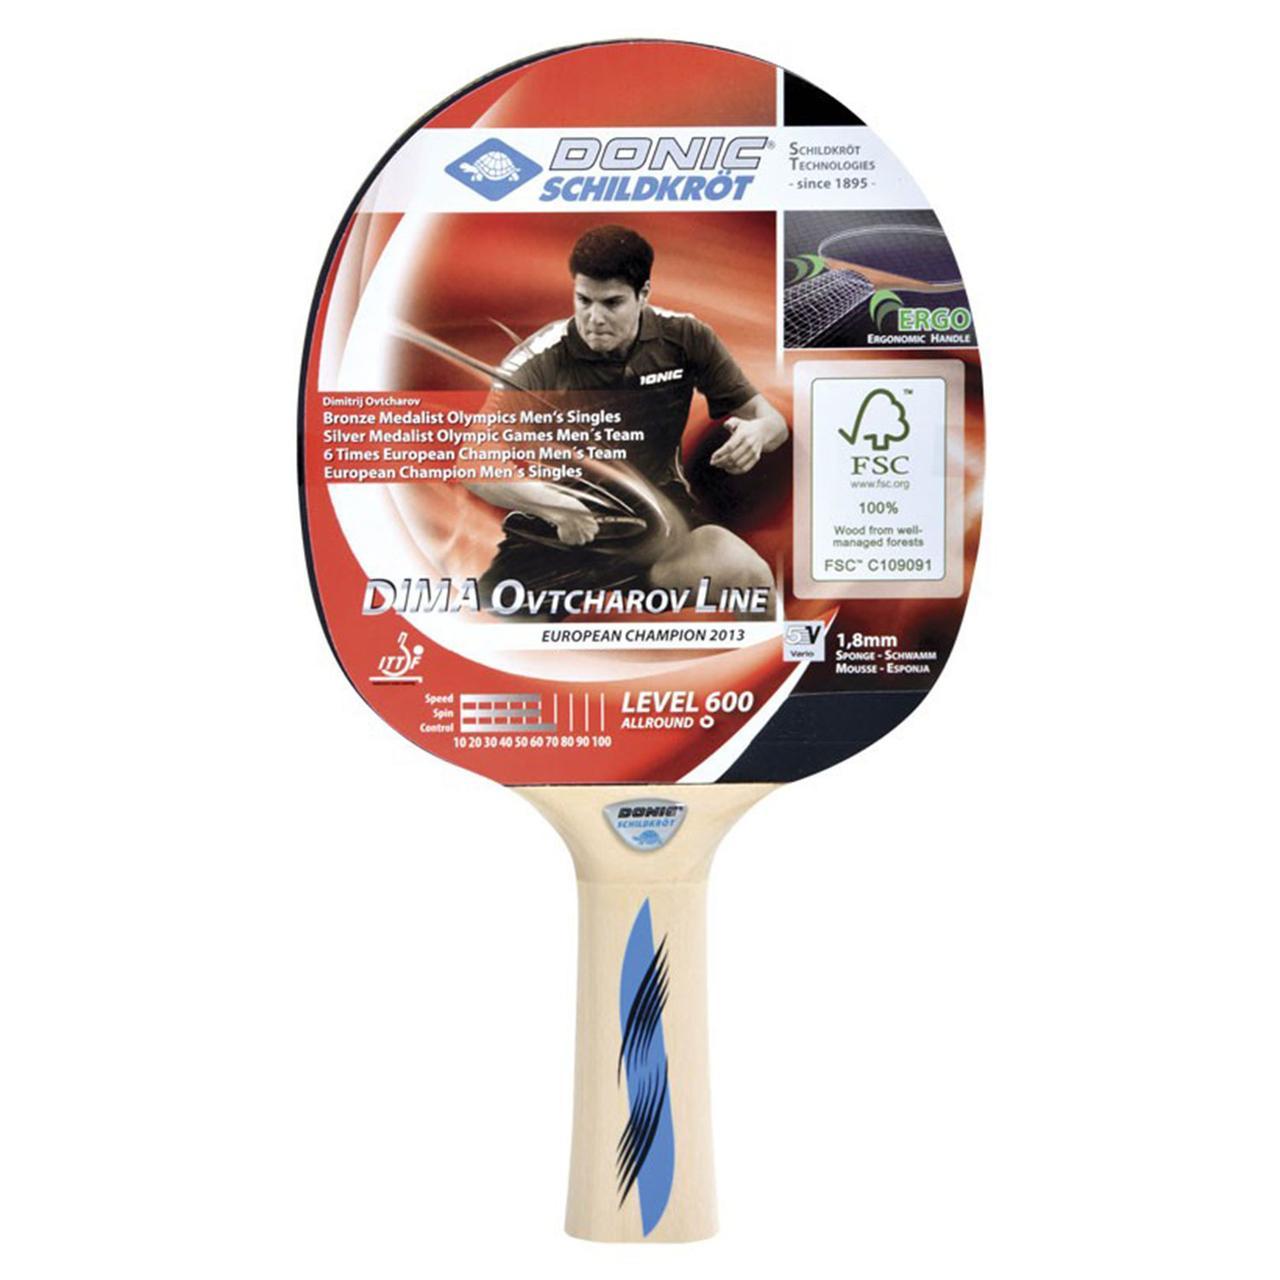 Donic Schildkrot  ракетка для настольного тенниса Dima Ovtcharov 600